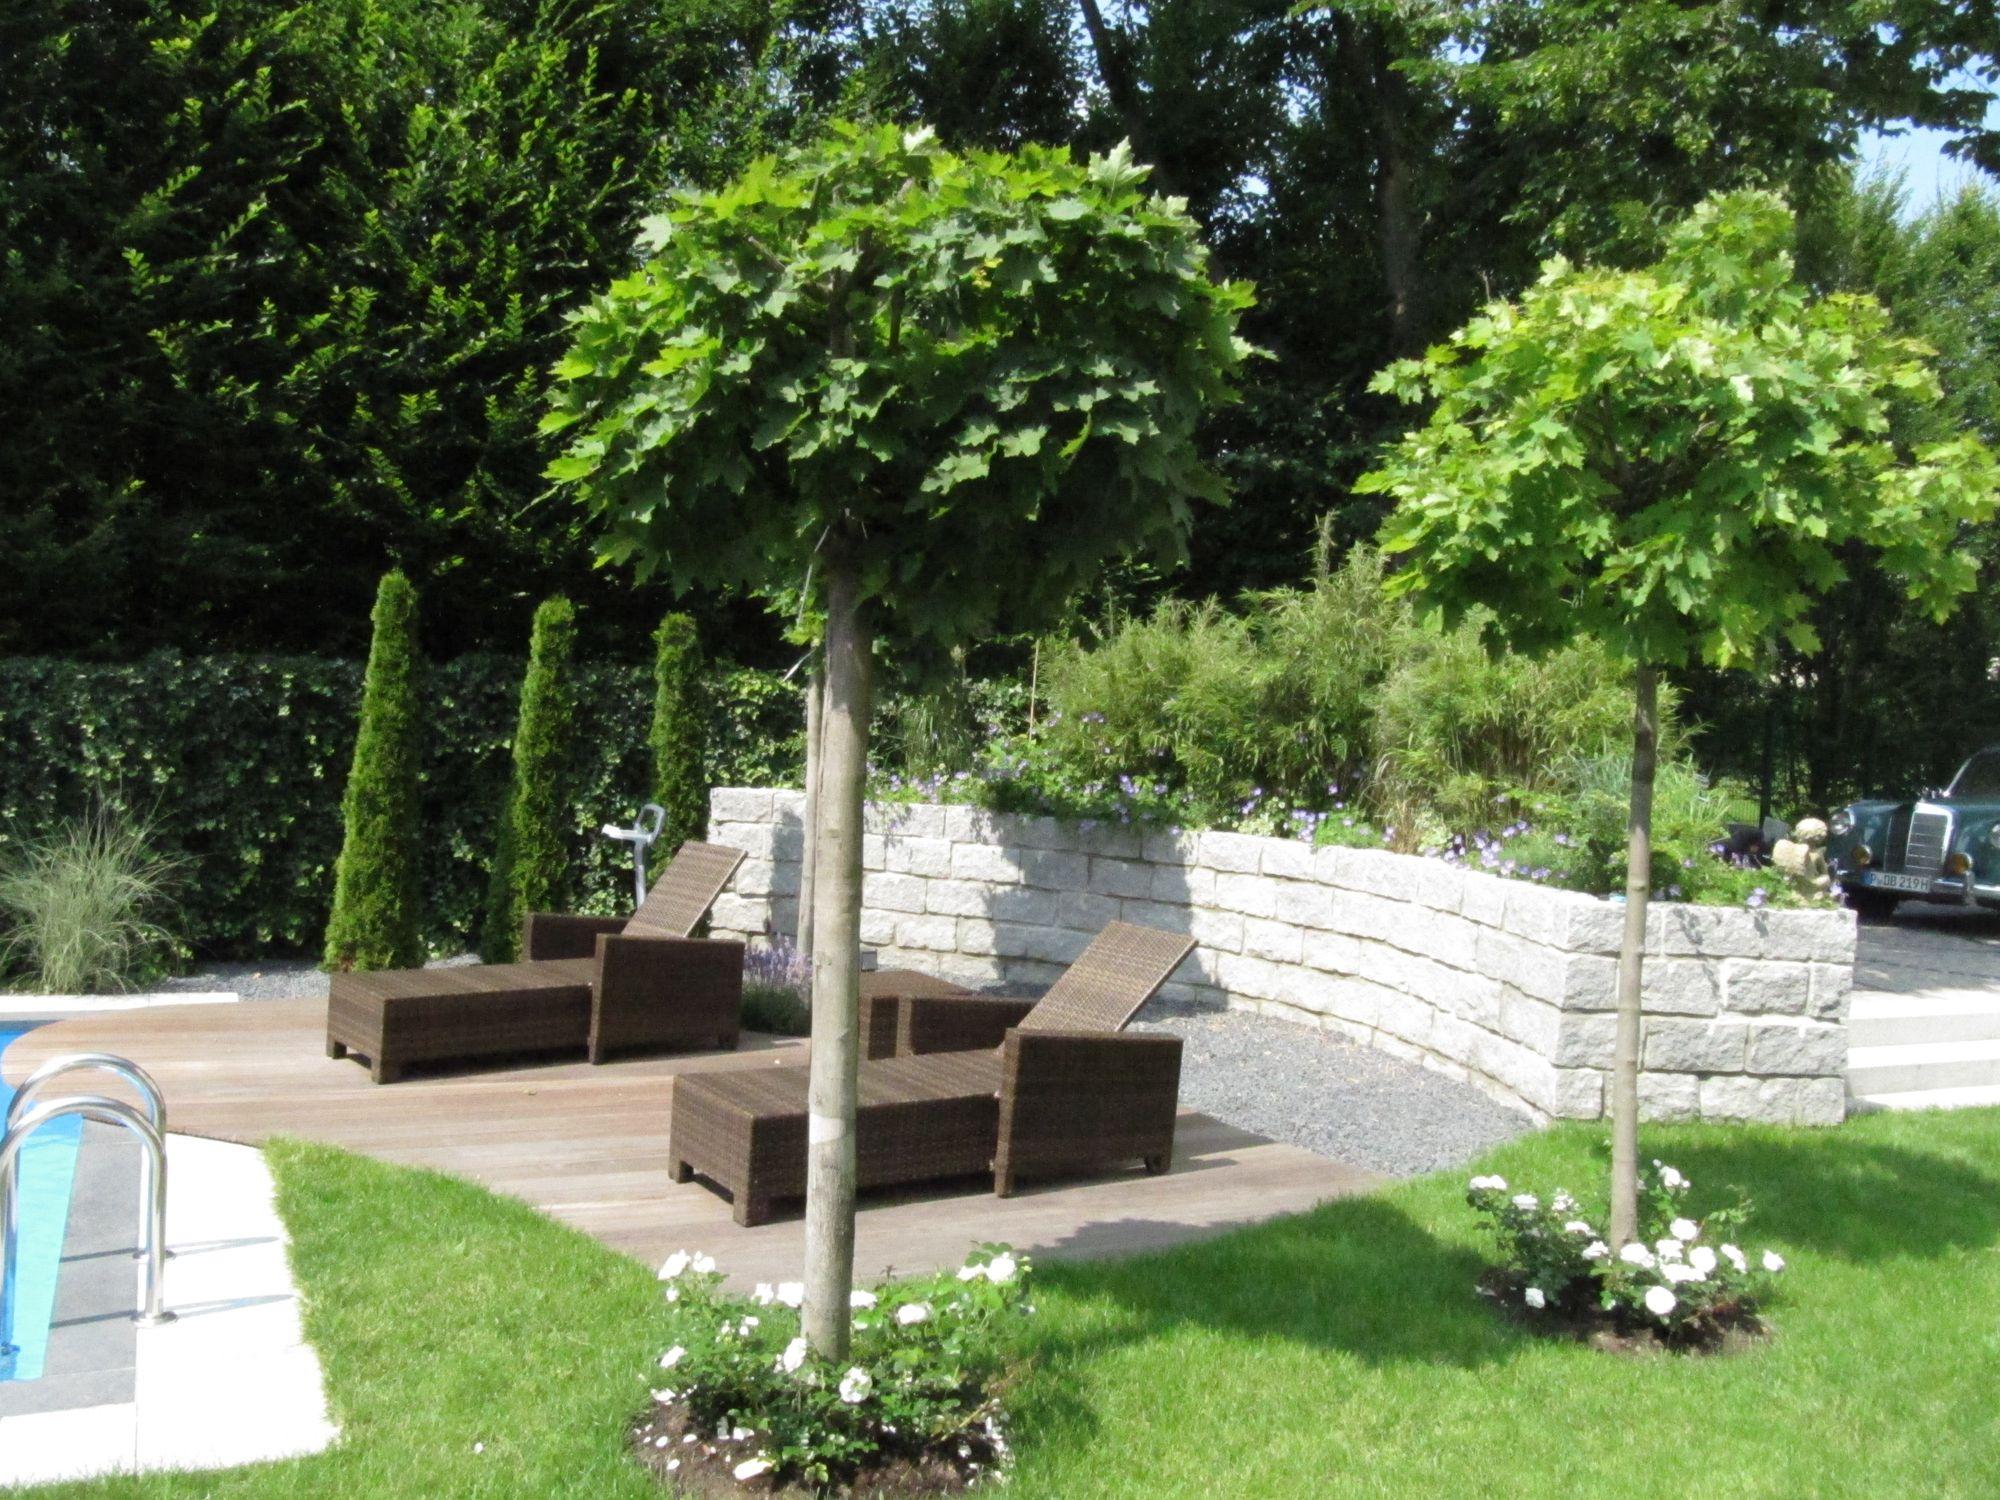 Garten mit Pool, Terasse und Freizeitflächen für die ganze Familie